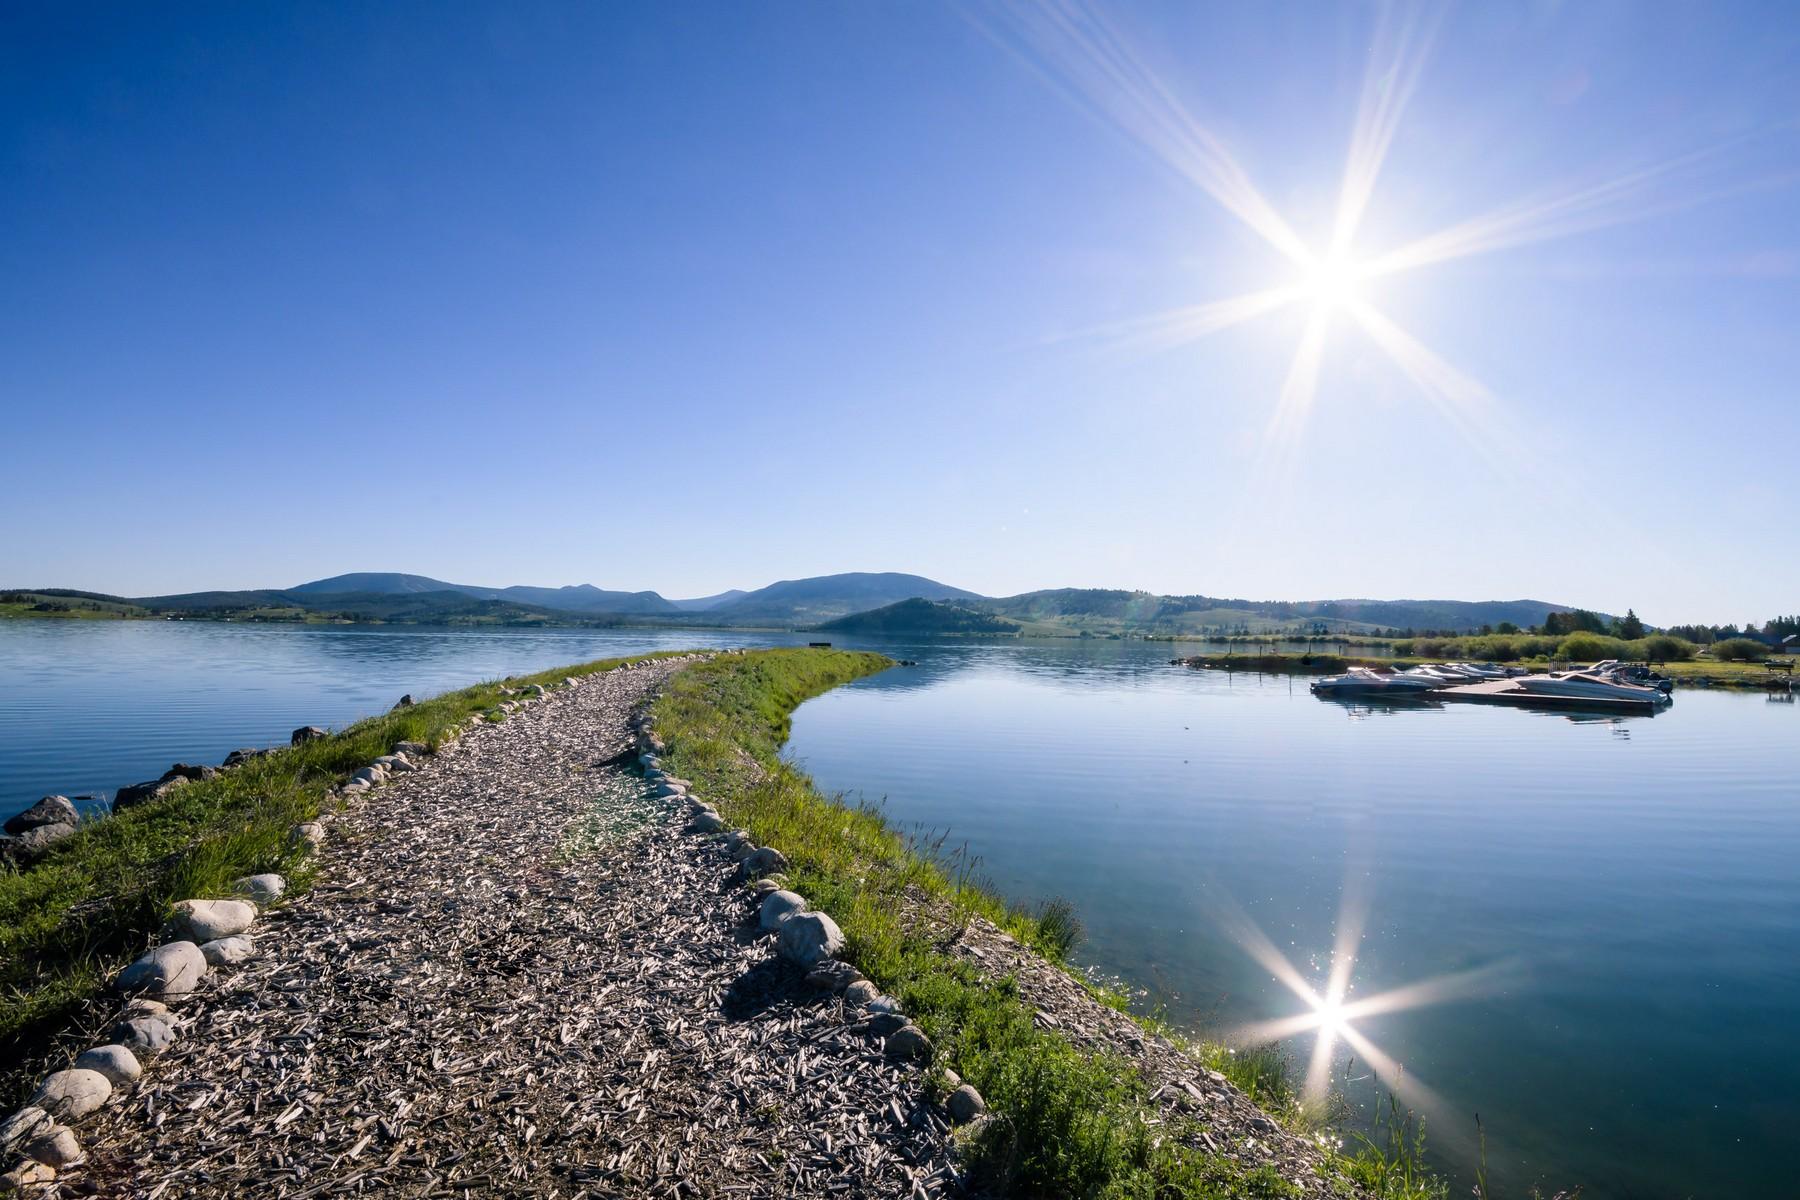 Terreno per Vendita alle ore Lot 16 Manna Vista, Anaconda, MT 59711 Lot 16 Manna Vista Anaconda, Montana, 59711 Stati Uniti